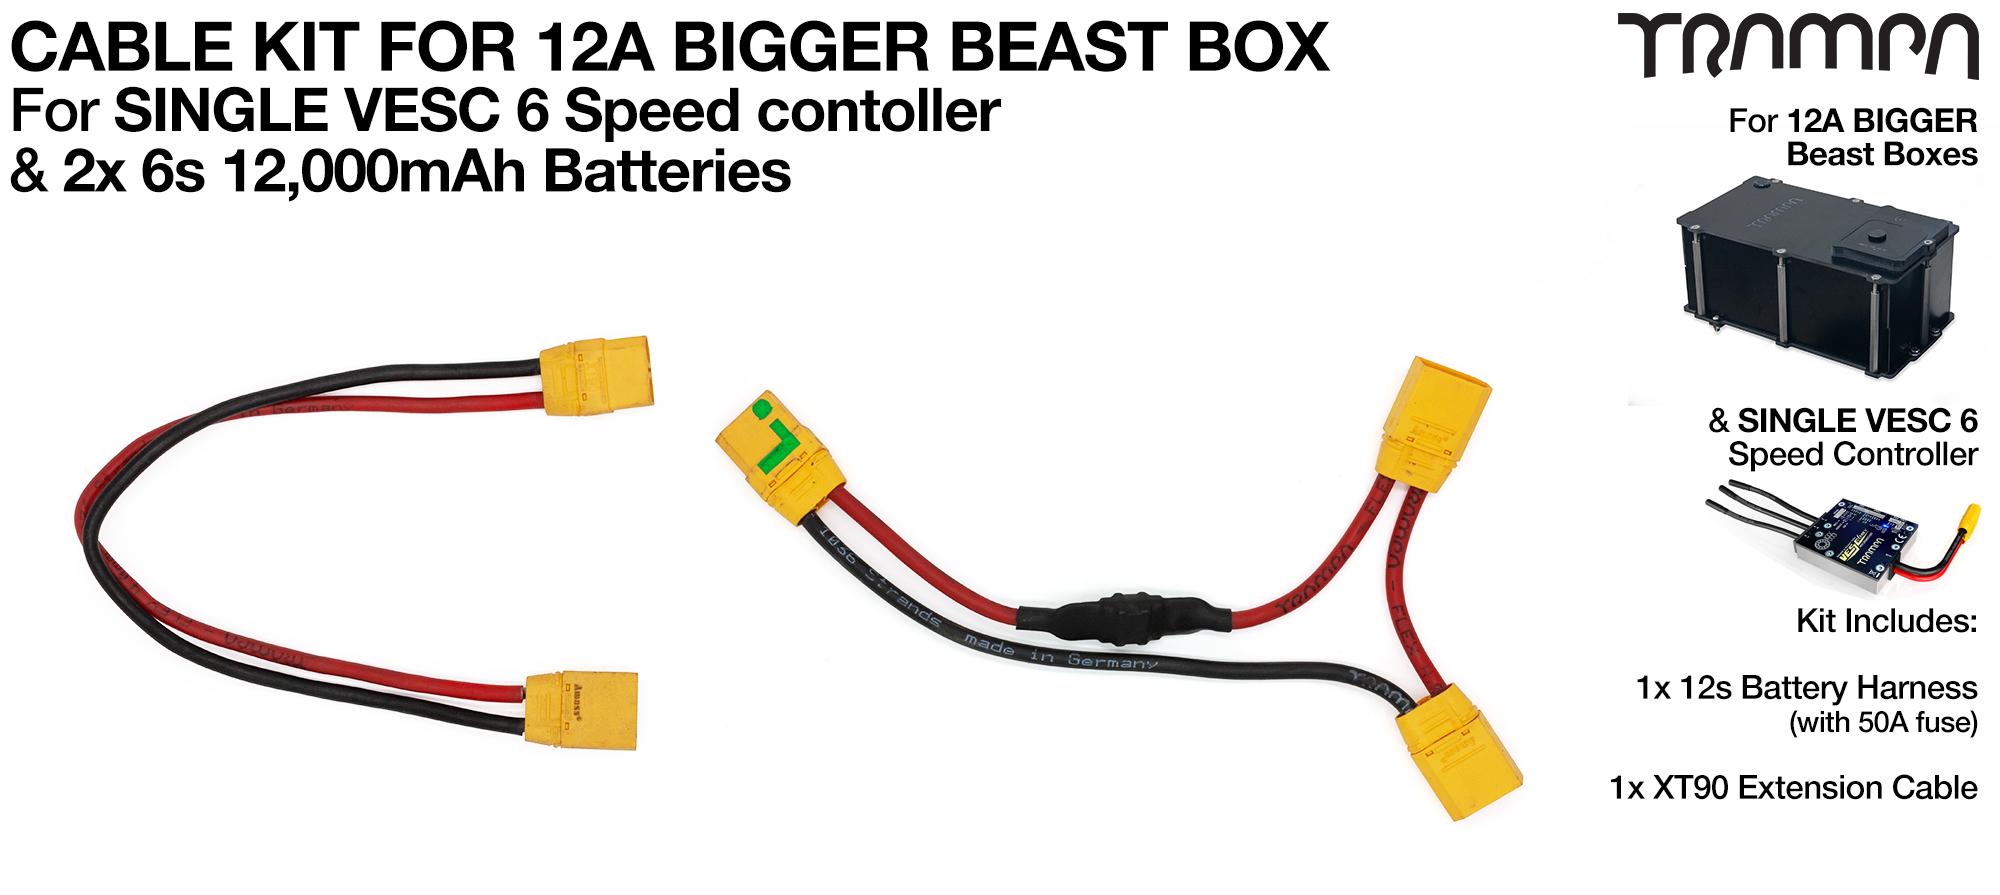 12A Bigger BEAST BOX & Single VESC 6 Cable Kit